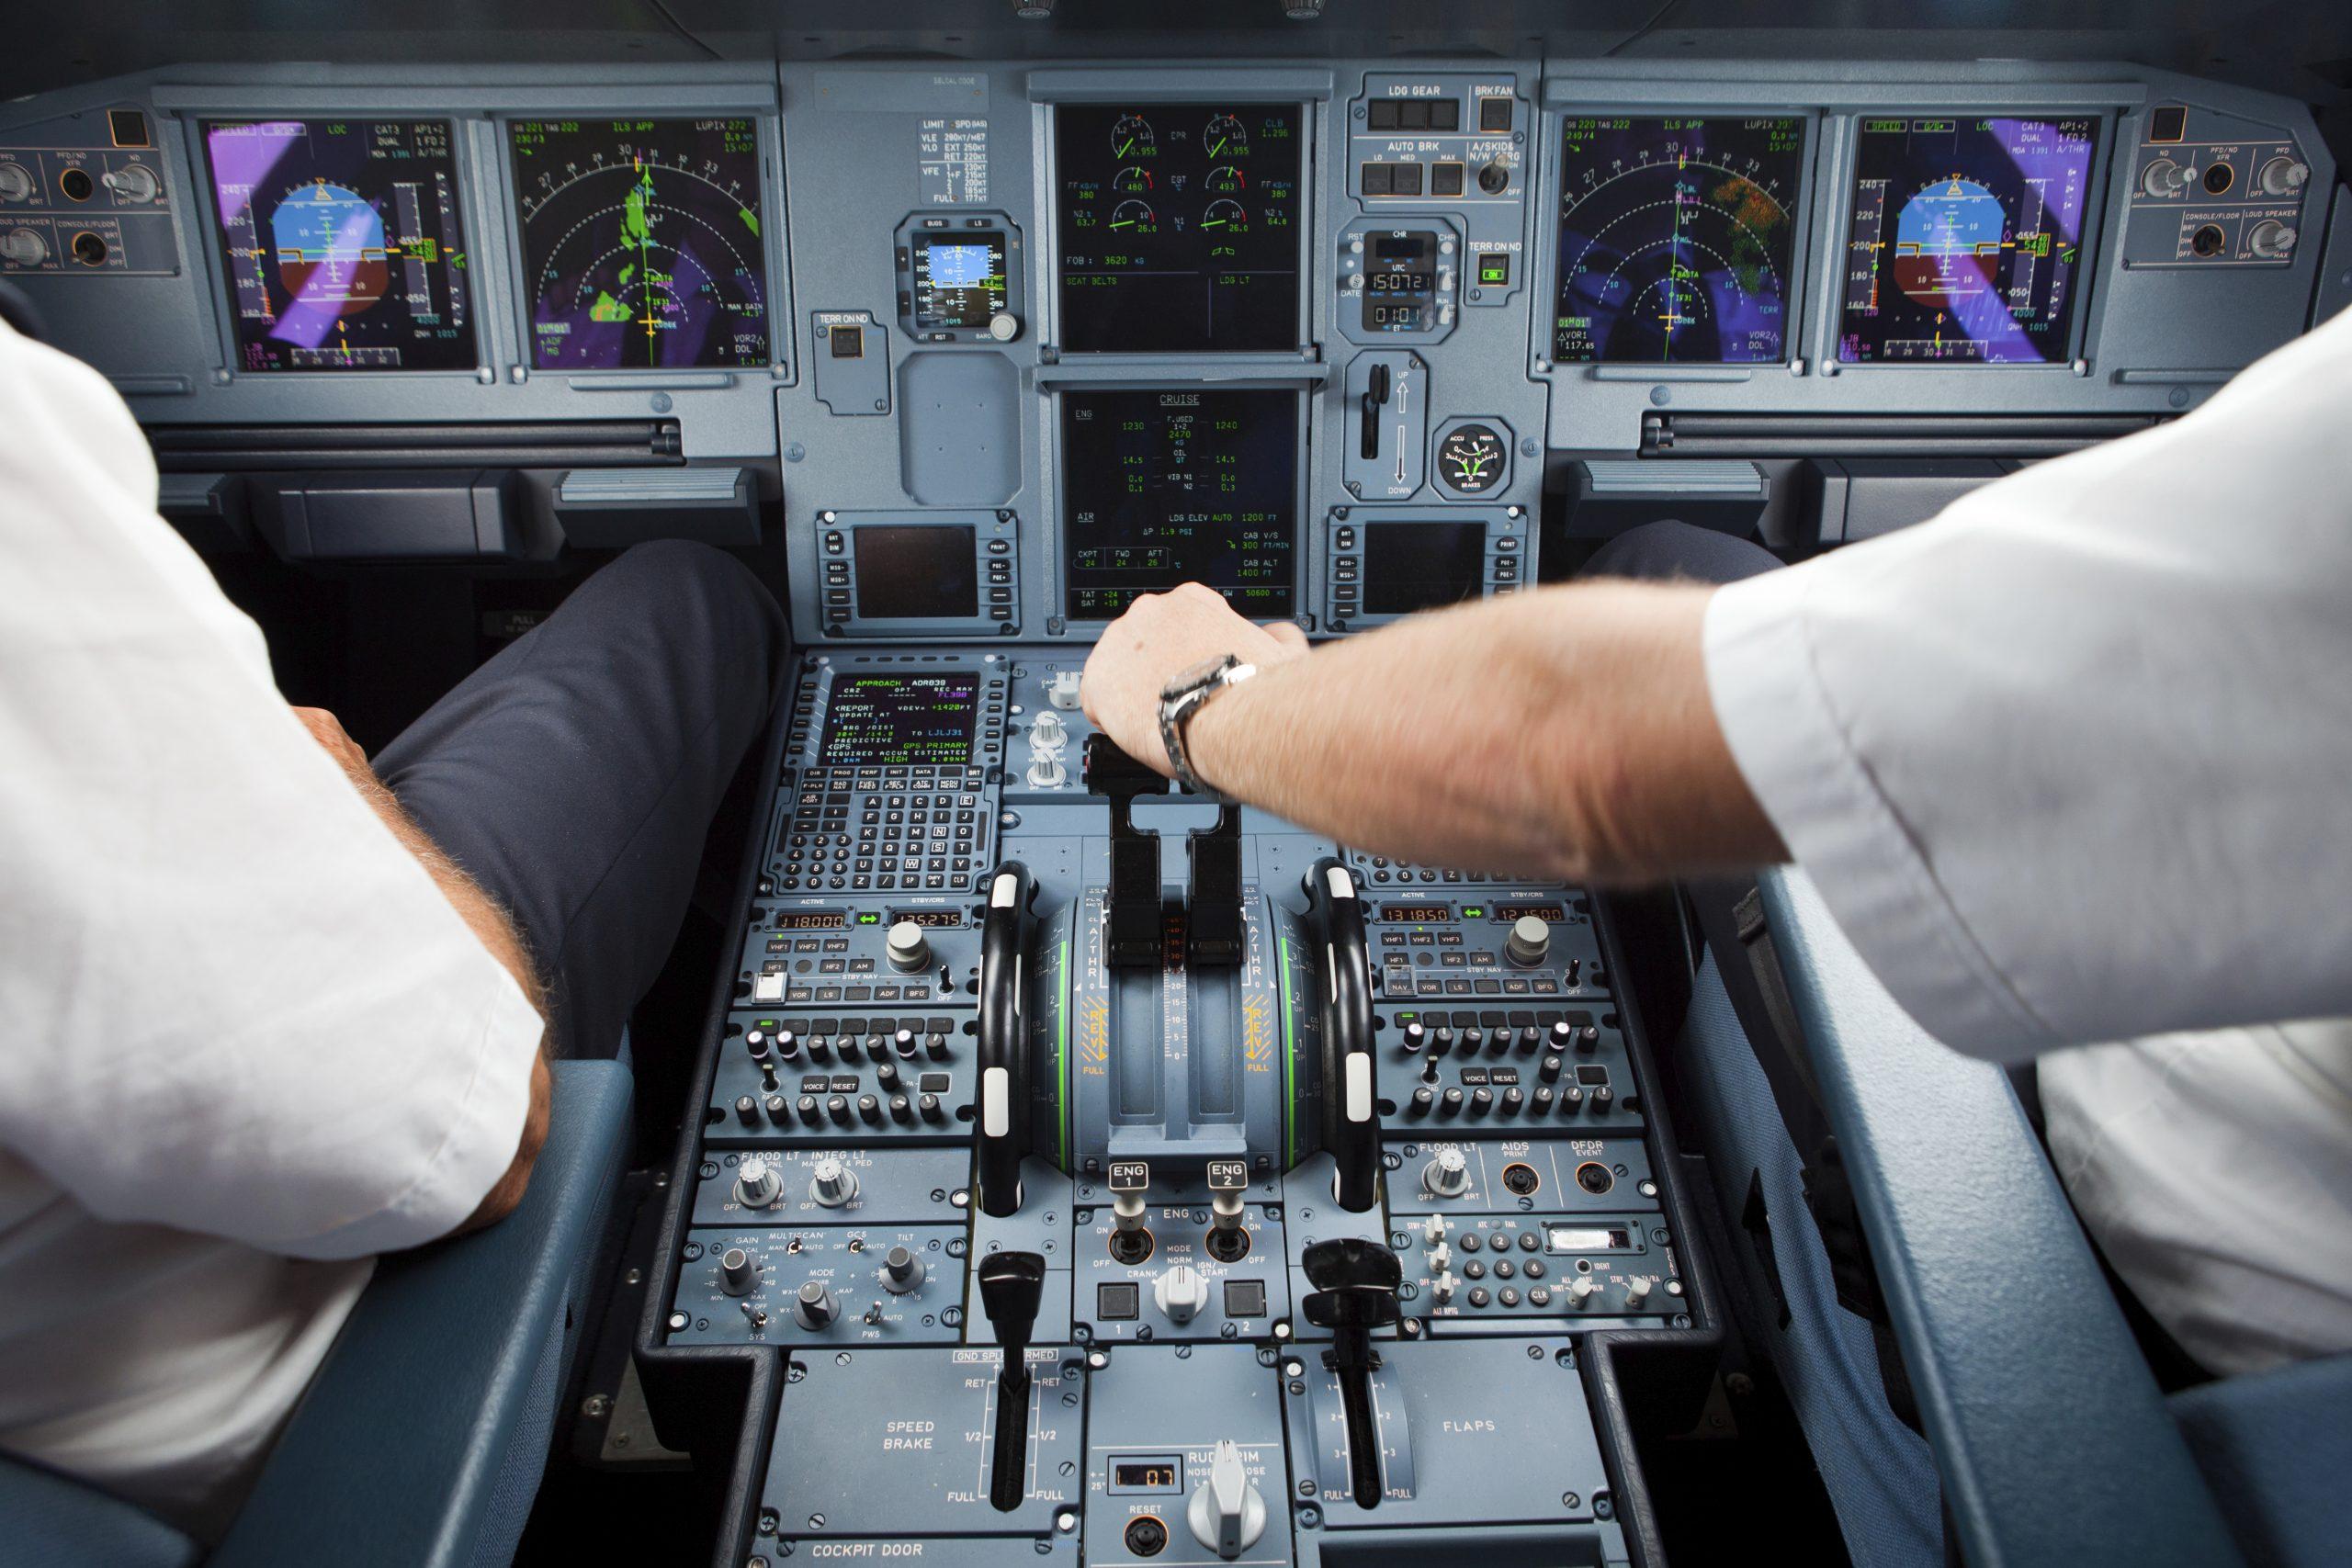 Har Et Flys Motorer Brug For En Pause/afkøling Mm. Eller Kan Flyet I Princippet Fortsætte Såfremt Der Var Oceaner Af Jetfuel Om Bord ? Og Hvor Mange Timer Er Der Mellem Motor Eftersyn?